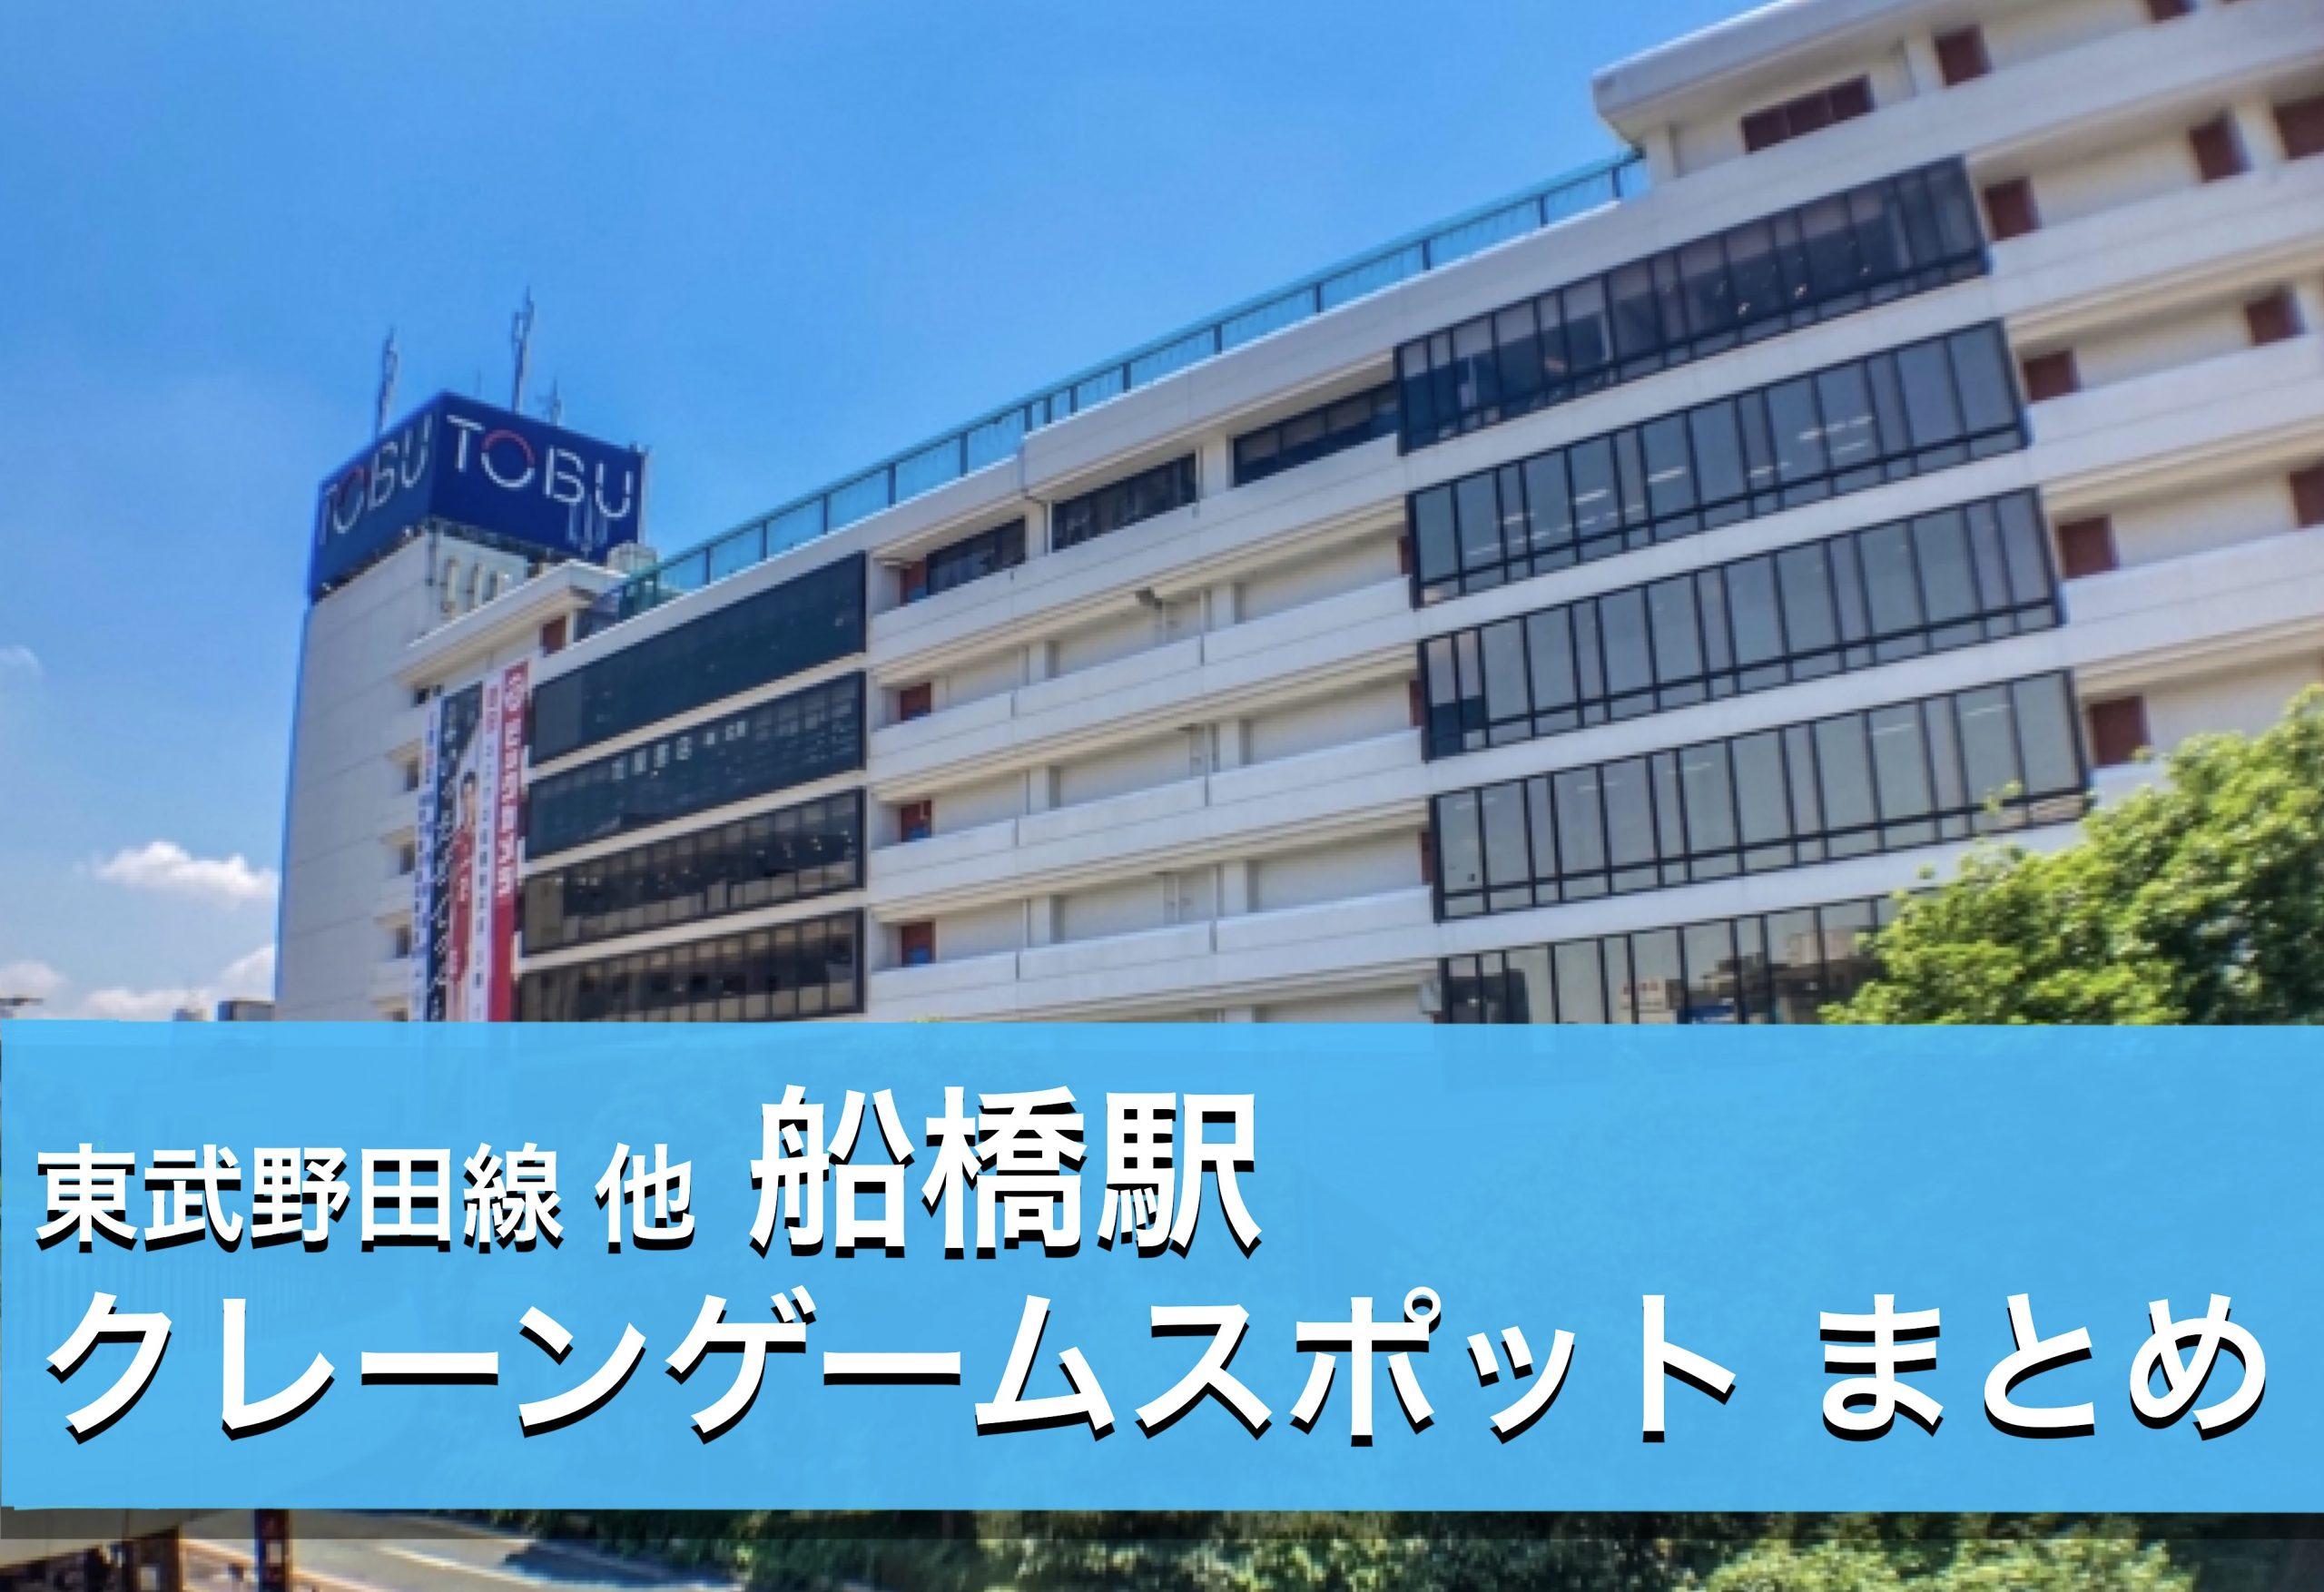 【船橋駅】クレーンゲームができる場所